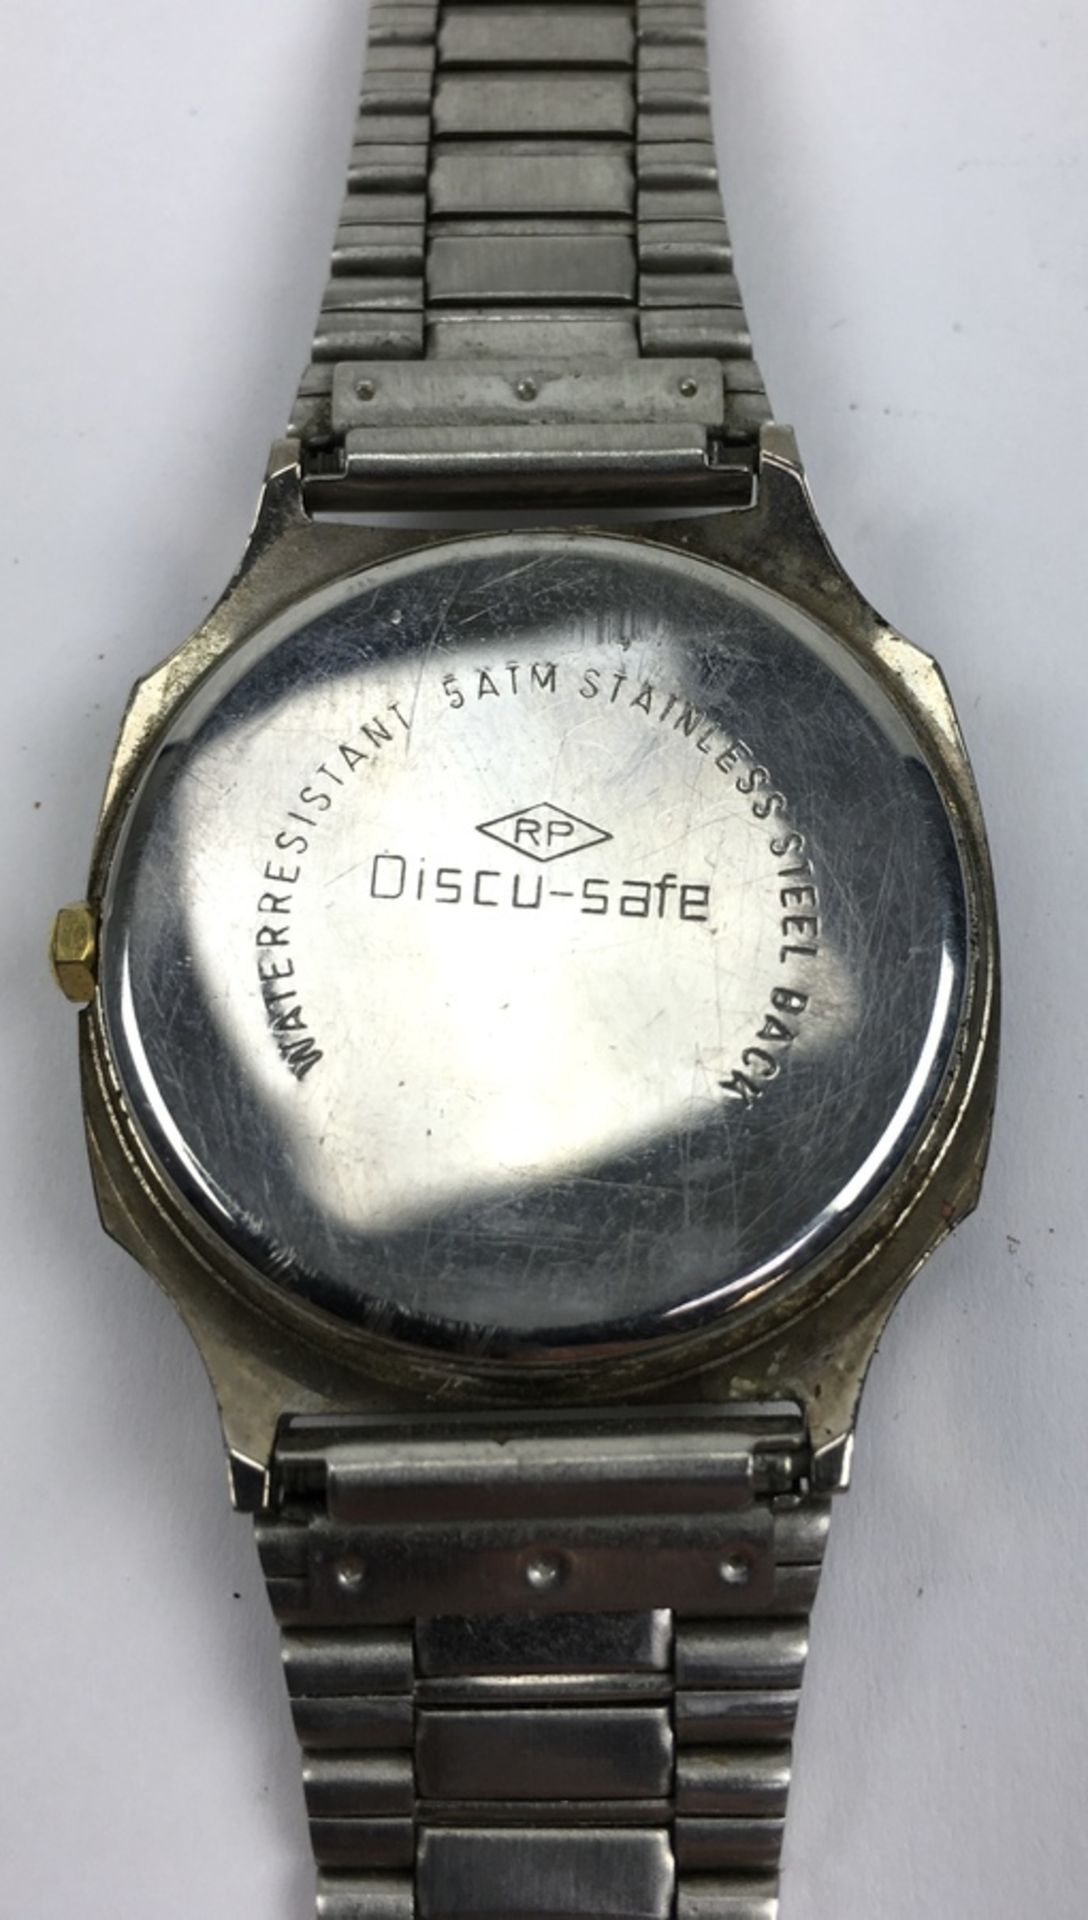 (Sieraden) HorlogesDrie verschillende merken horloges. Conditie: Gebruikssporen, niet getest. A - Image 3 of 7